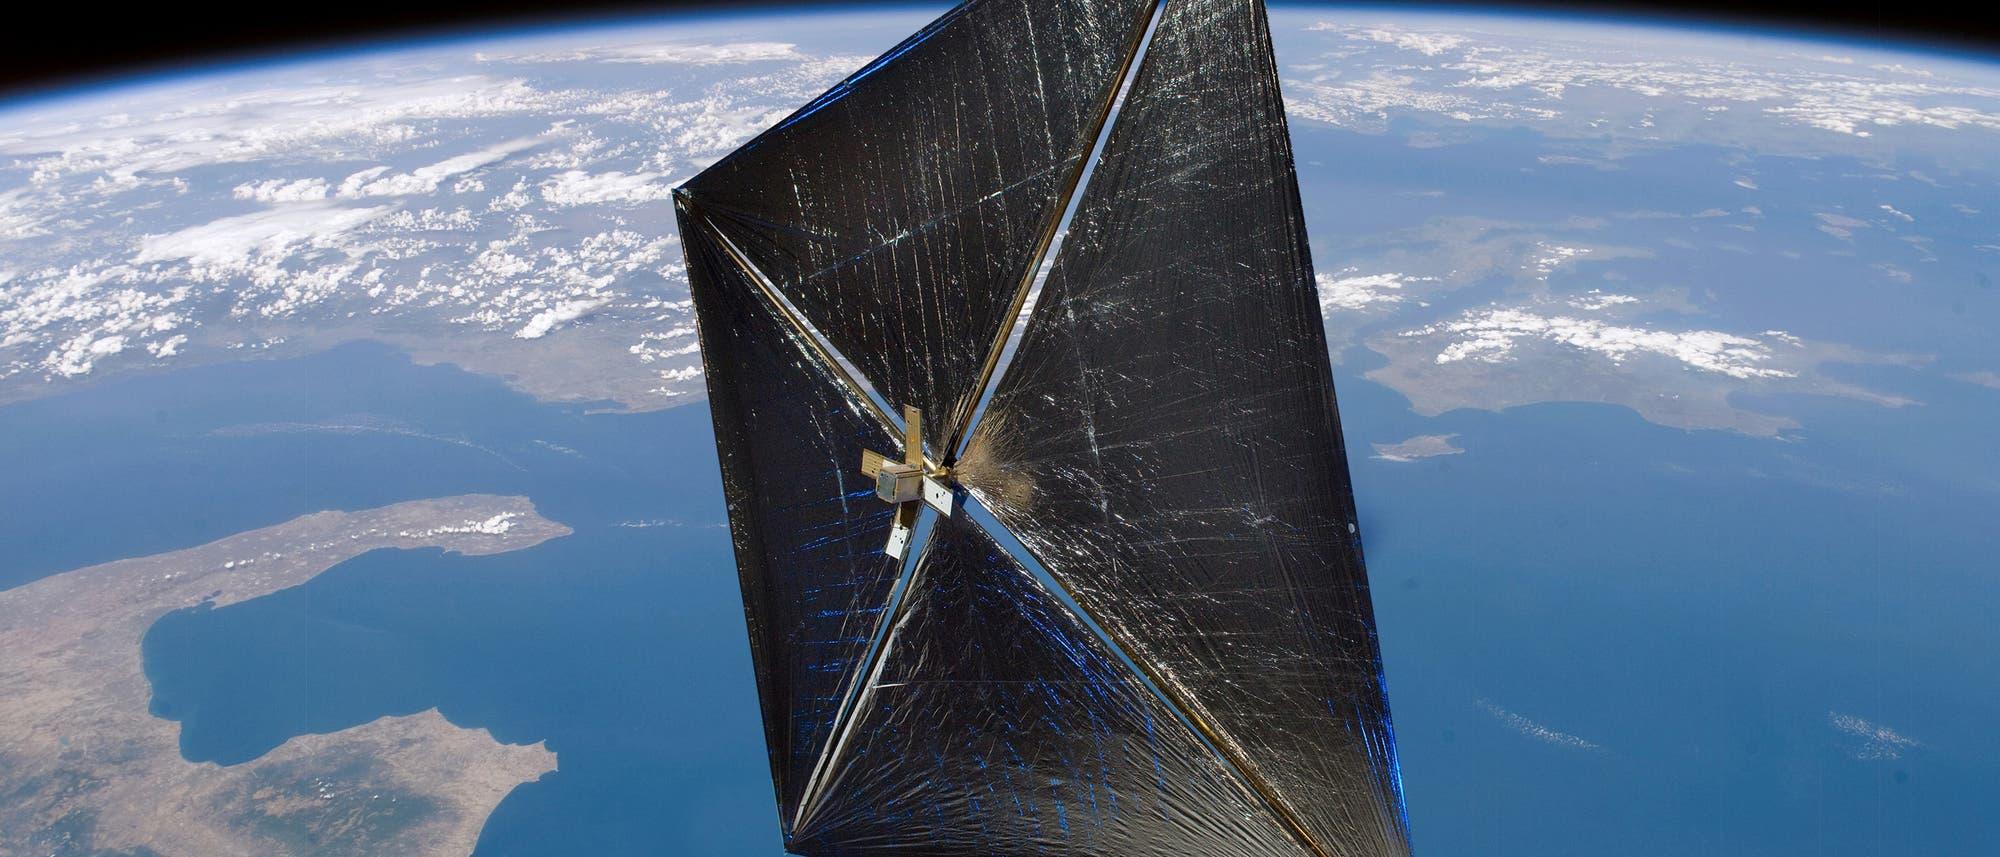 Sonnensegel der NASA